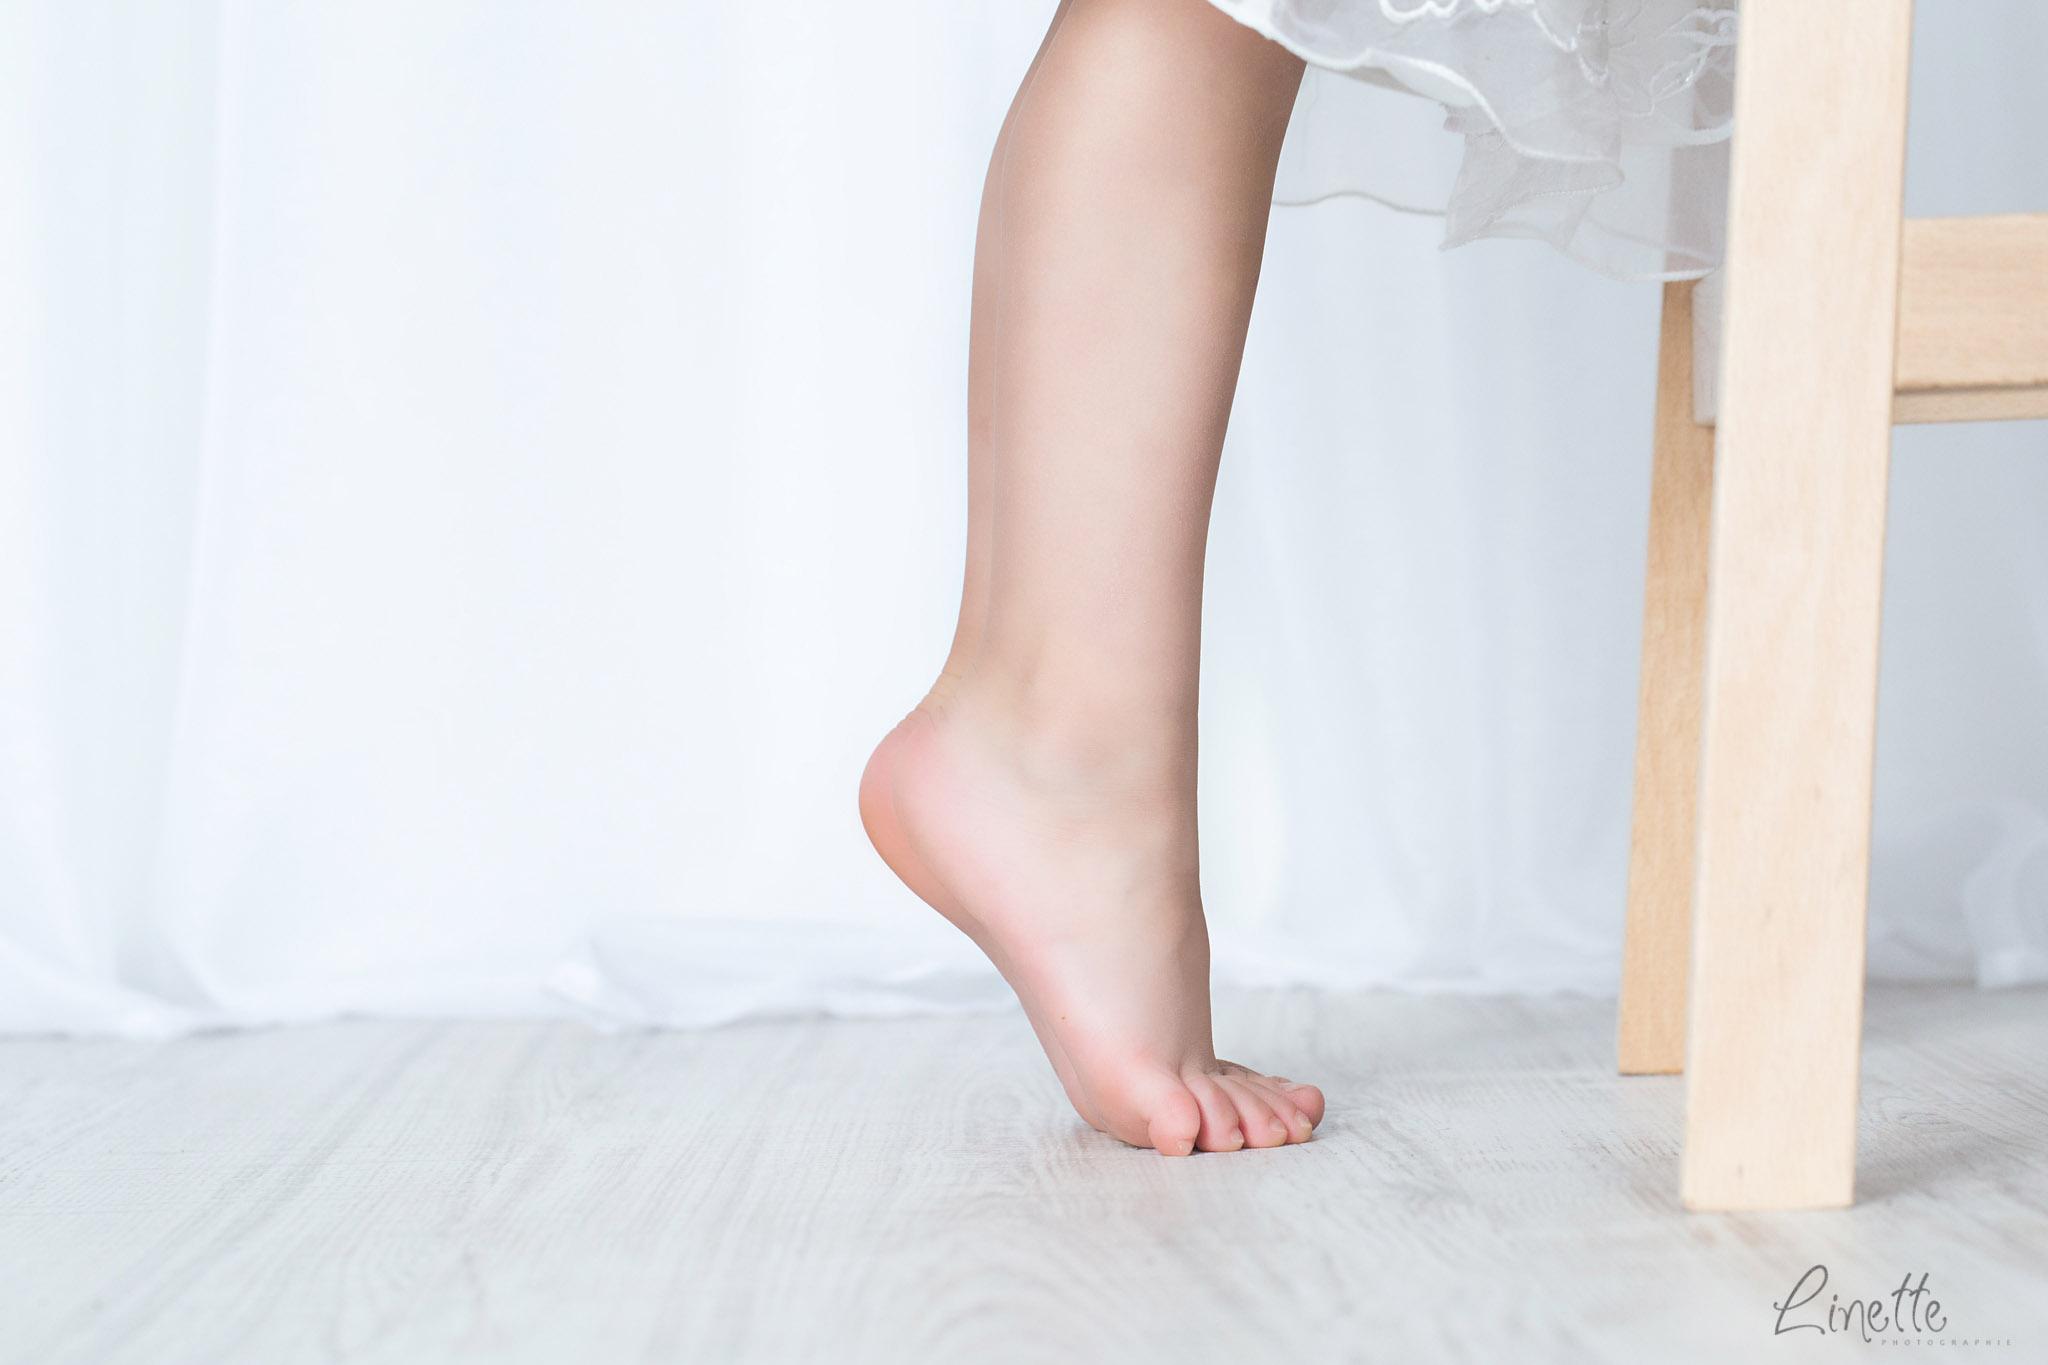 pointe de pieds